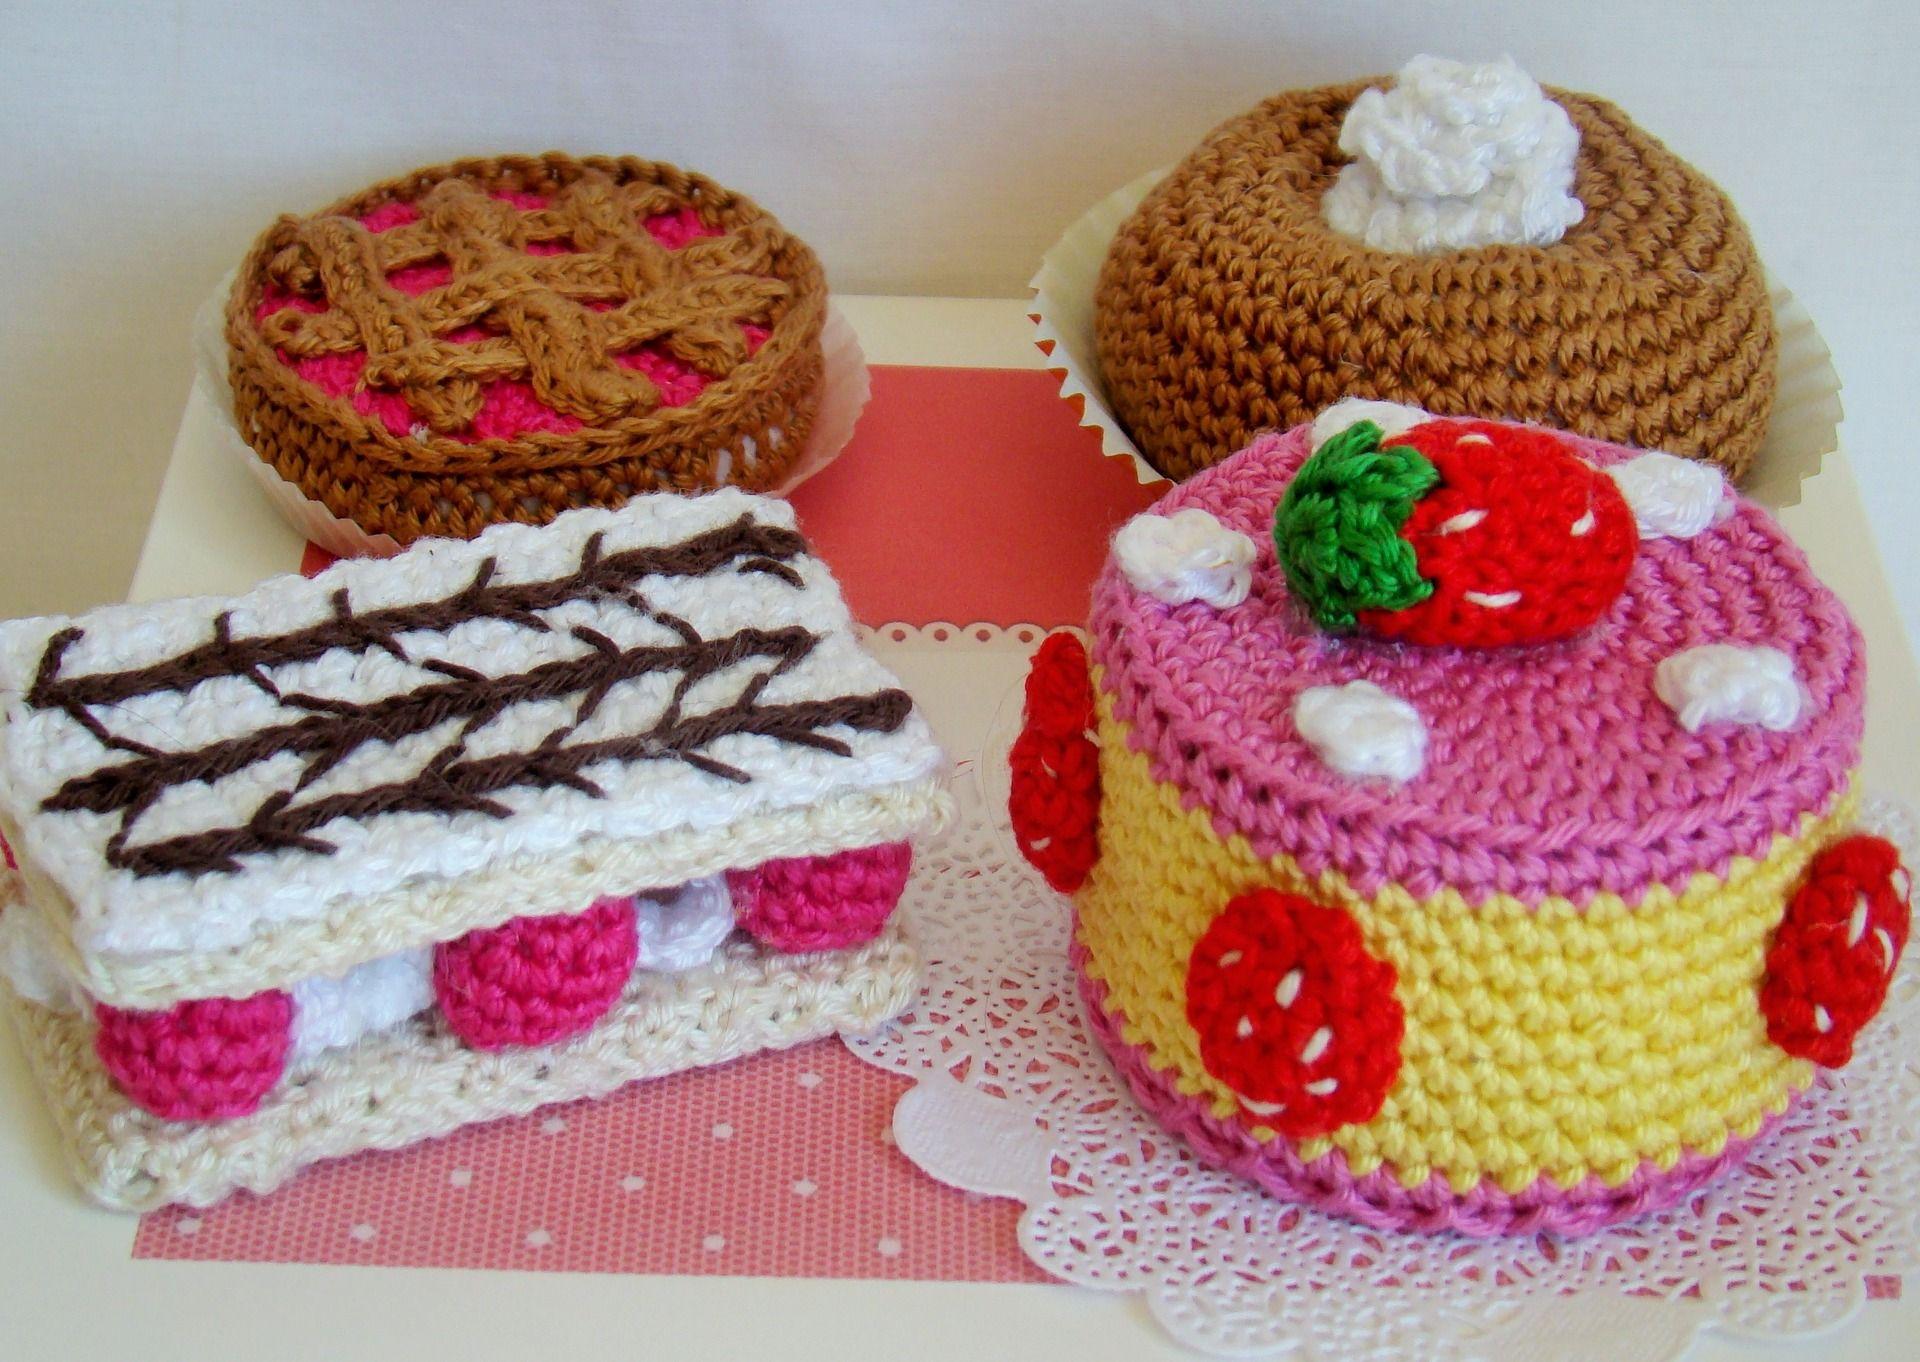 Dinette ou d coration de p tisseries au crochet avec sa boite et dentelles pour g teau jeux - Jeux de decoration de gateau ...